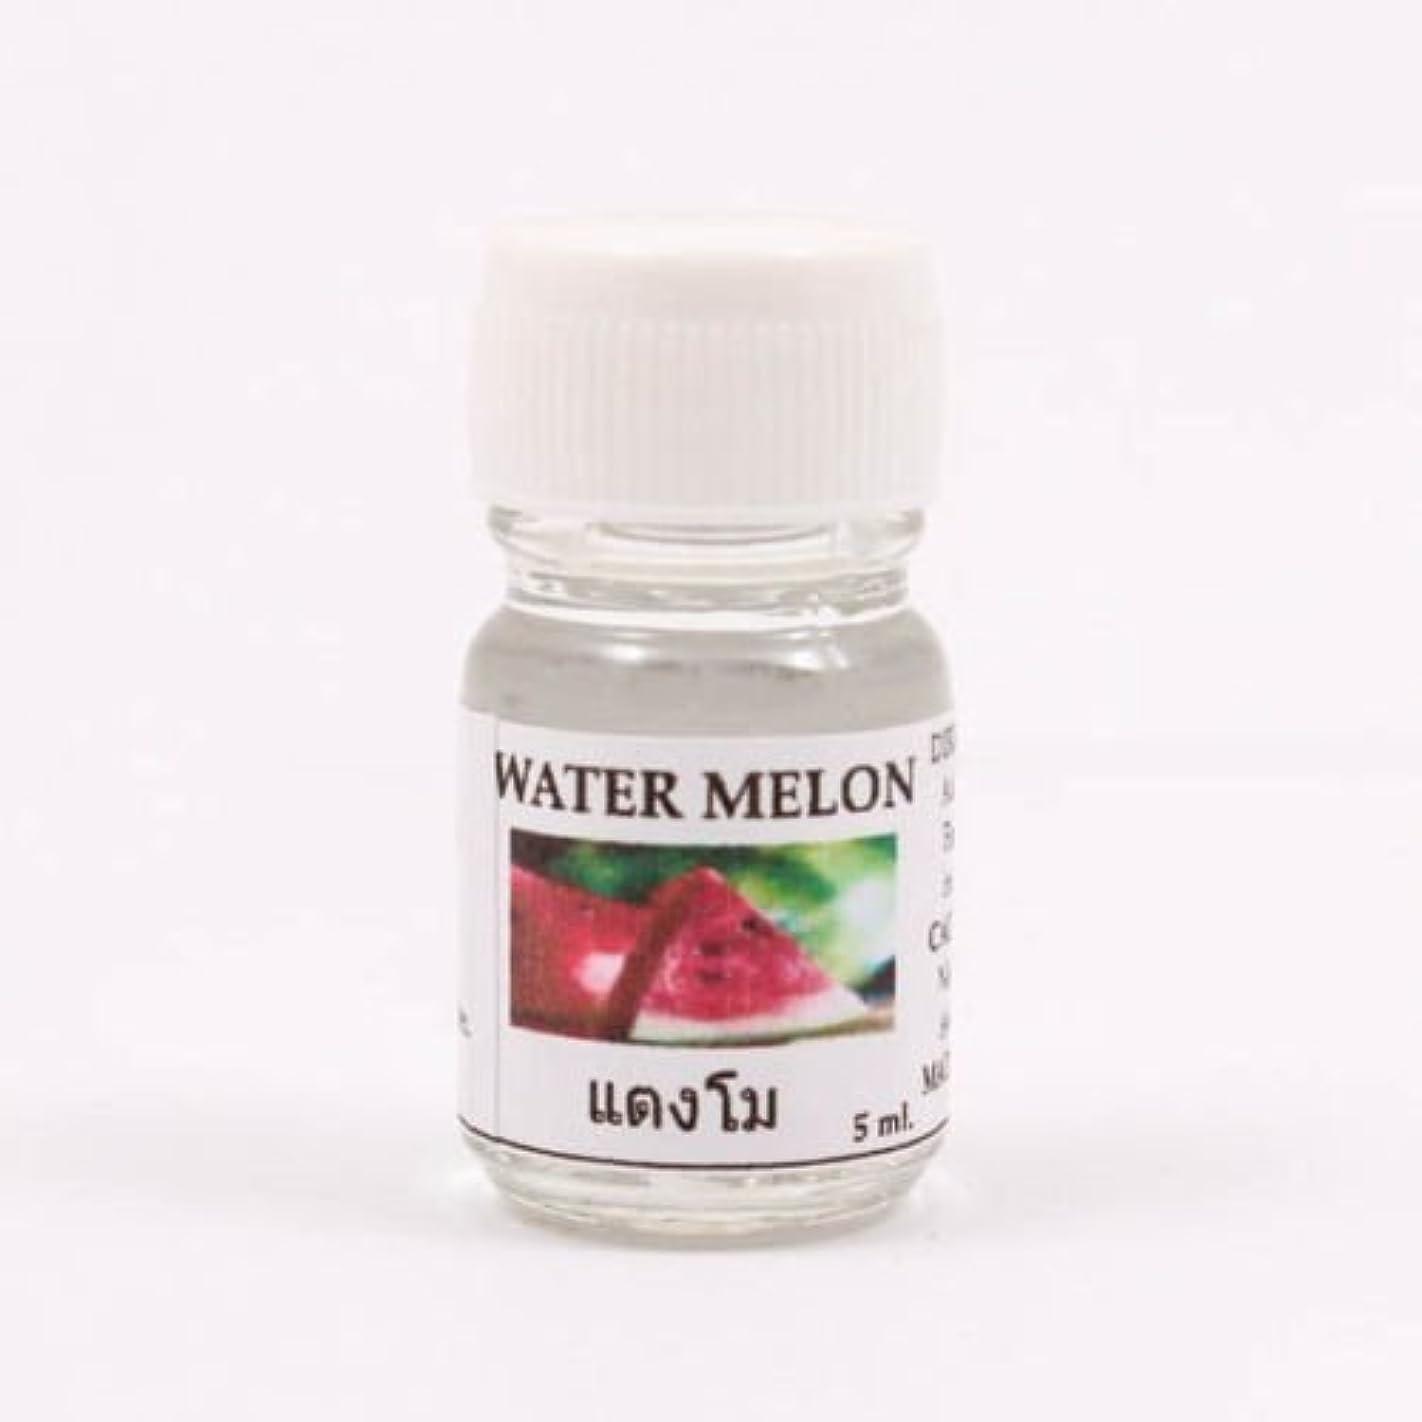 印刷する確認してください矛盾6X Water Melon Aroma Fragrance Essential Oil 5ML Diffuser Burner Therapy